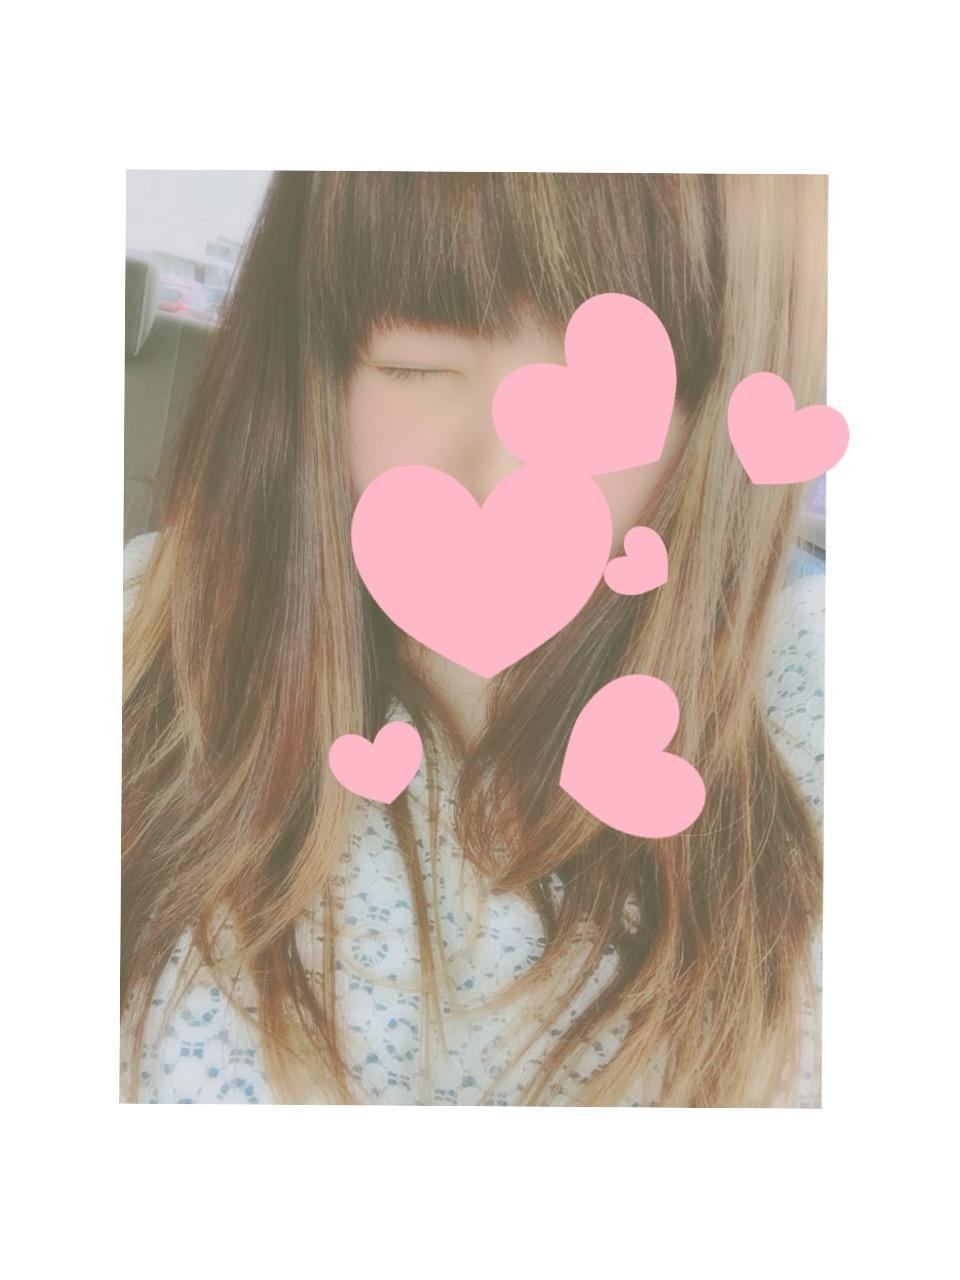 「こんばんは☆」07/15日(日) 21:58 | あい@ロリ潮吹素人いちゃ天使の写メ・風俗動画